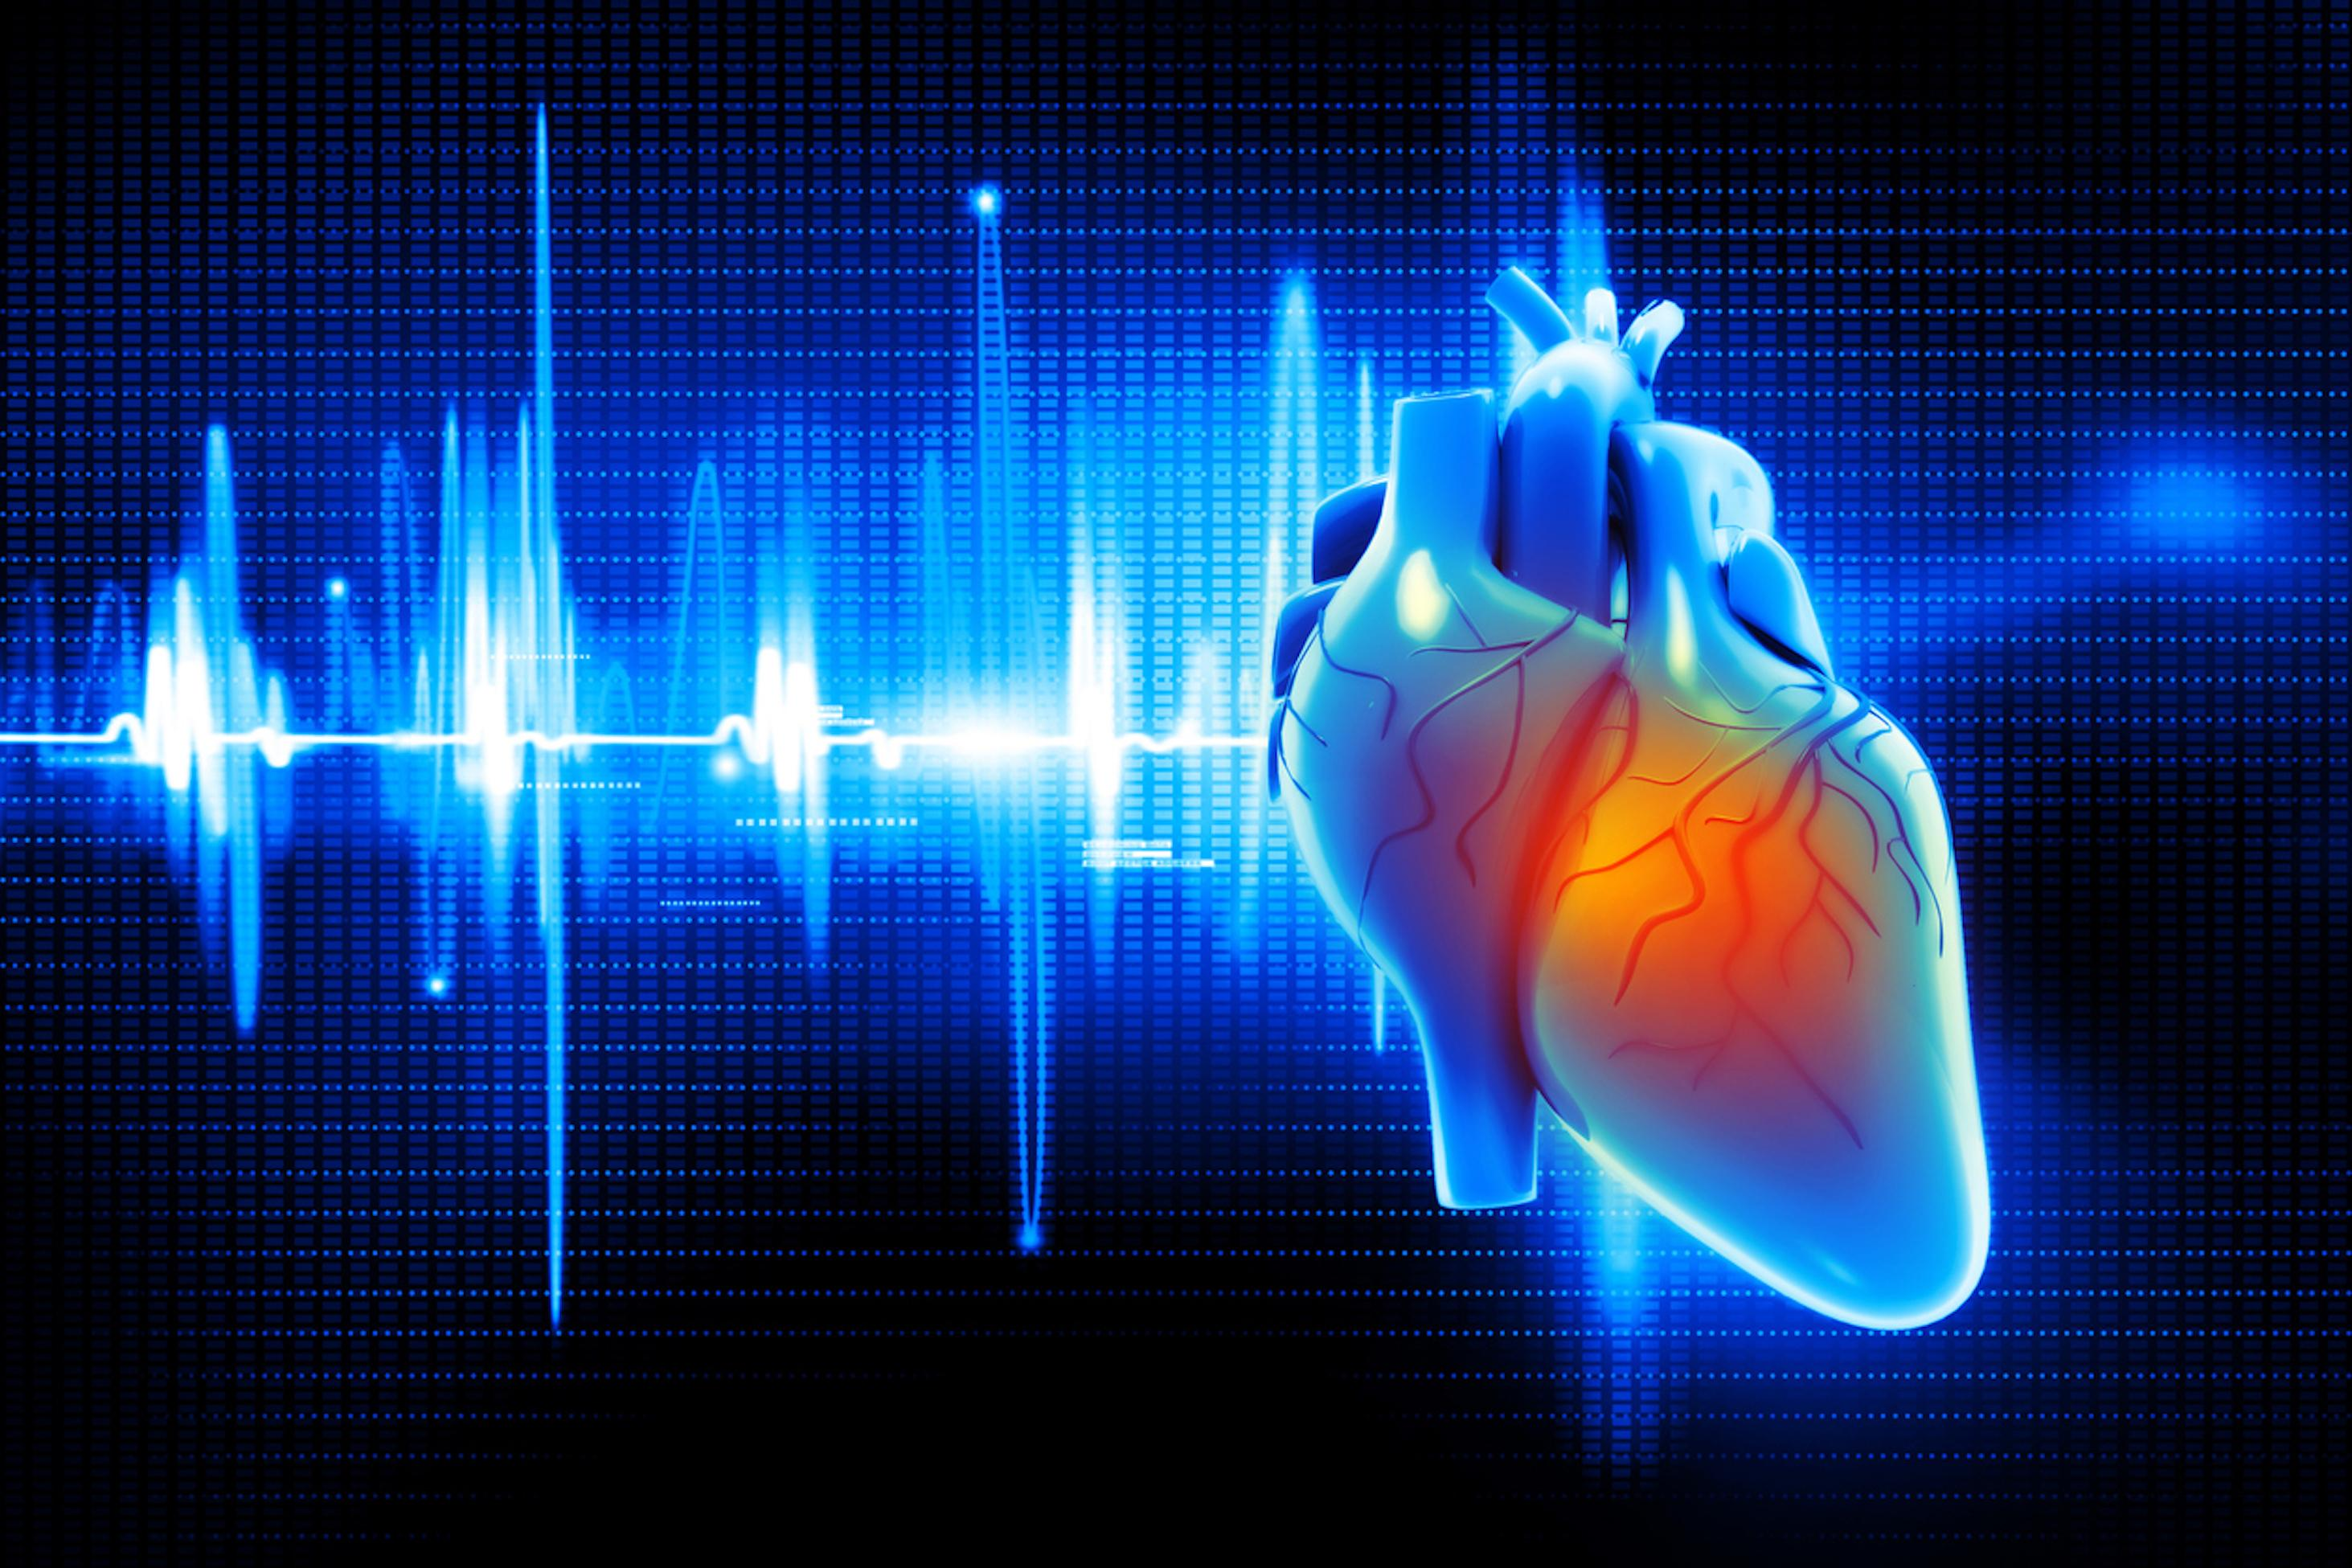 Risque cardiovasculaire : un traitement hormonal à la ménopause diminue ce risque